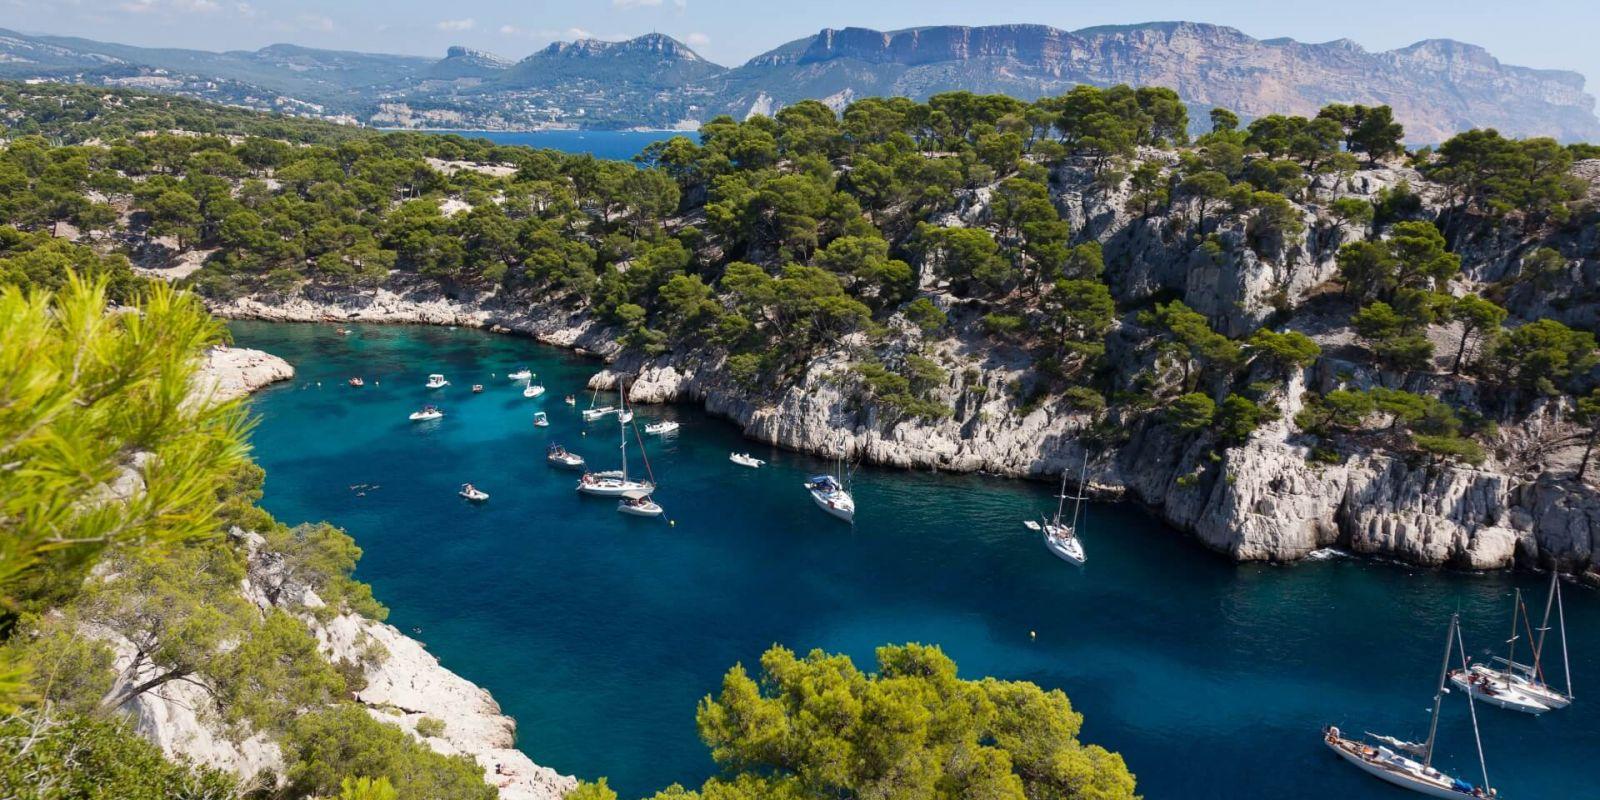 https://www.talamare.fr/medias/Location yacht Calanques, louer un yacht dans les Calanques à Marseille